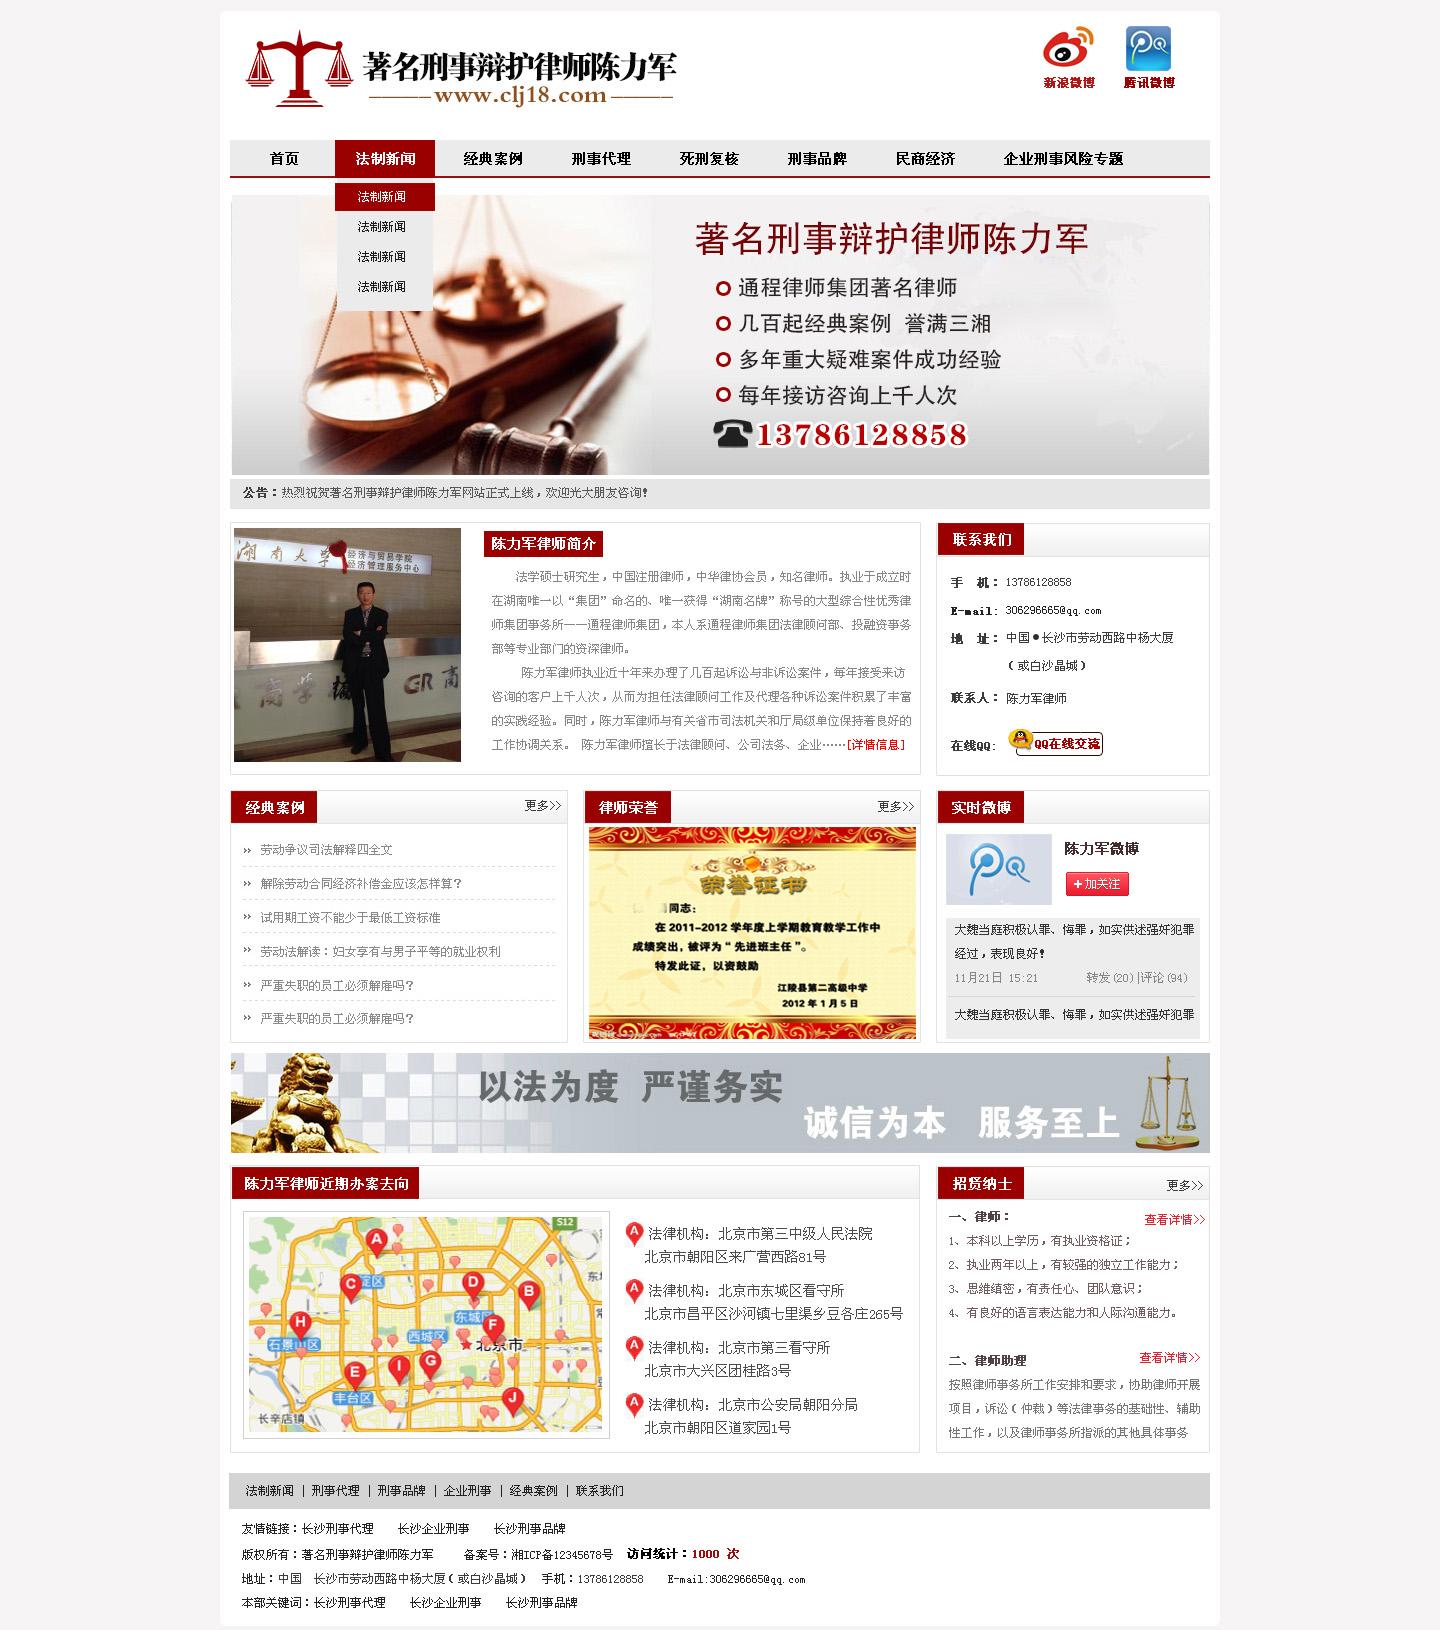 陈利军刑事辩护网案例